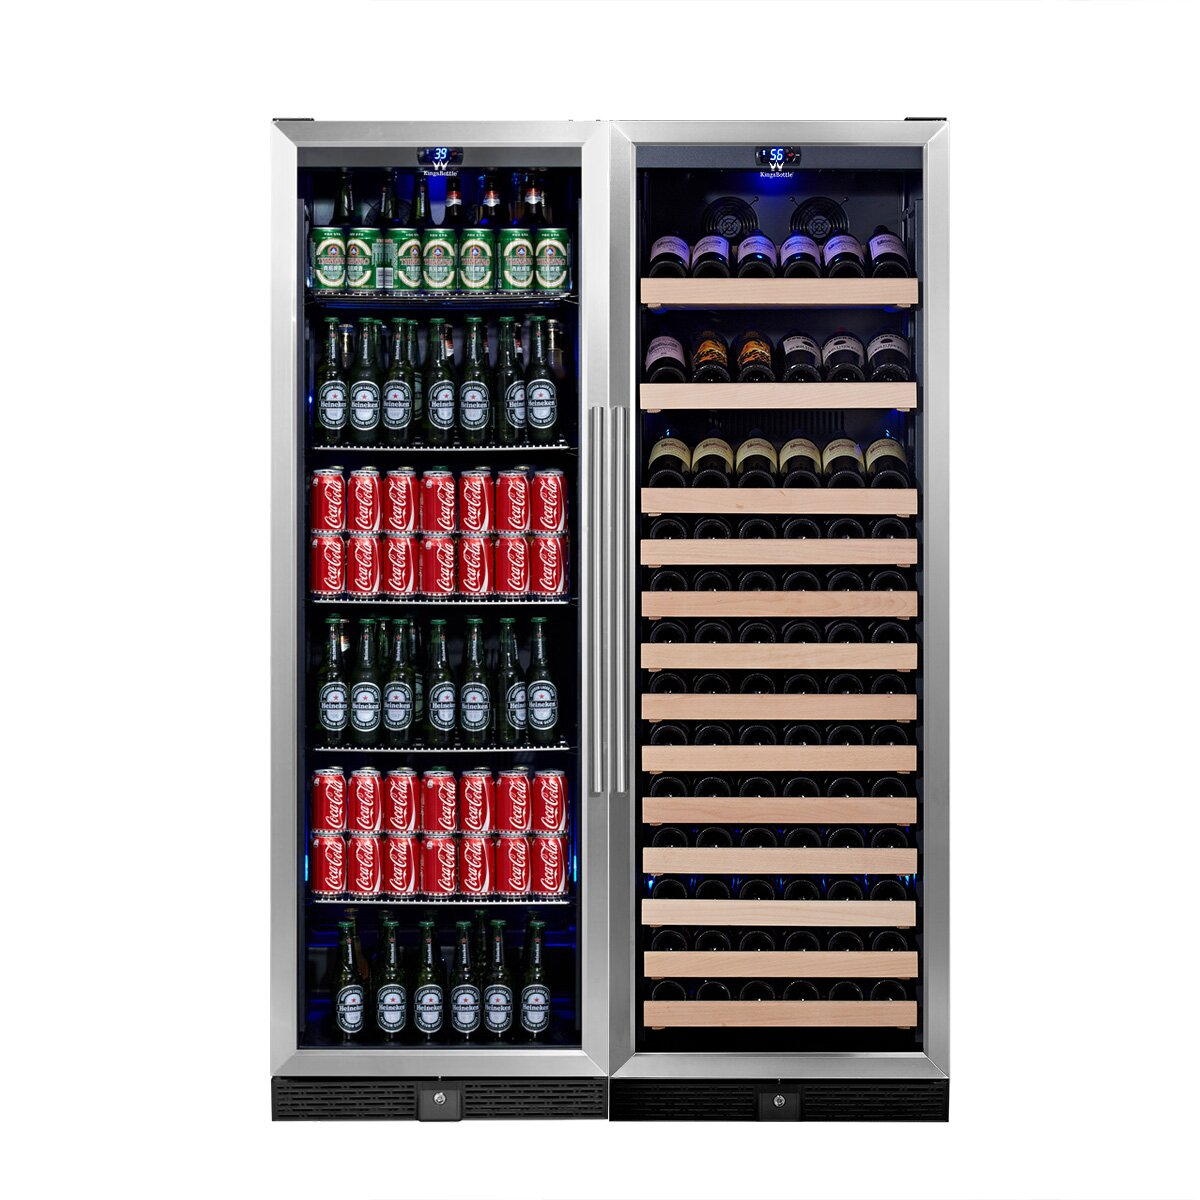 kingsbottle 131 bottle dual zone built in wine refrigerator wayfair. Black Bedroom Furniture Sets. Home Design Ideas